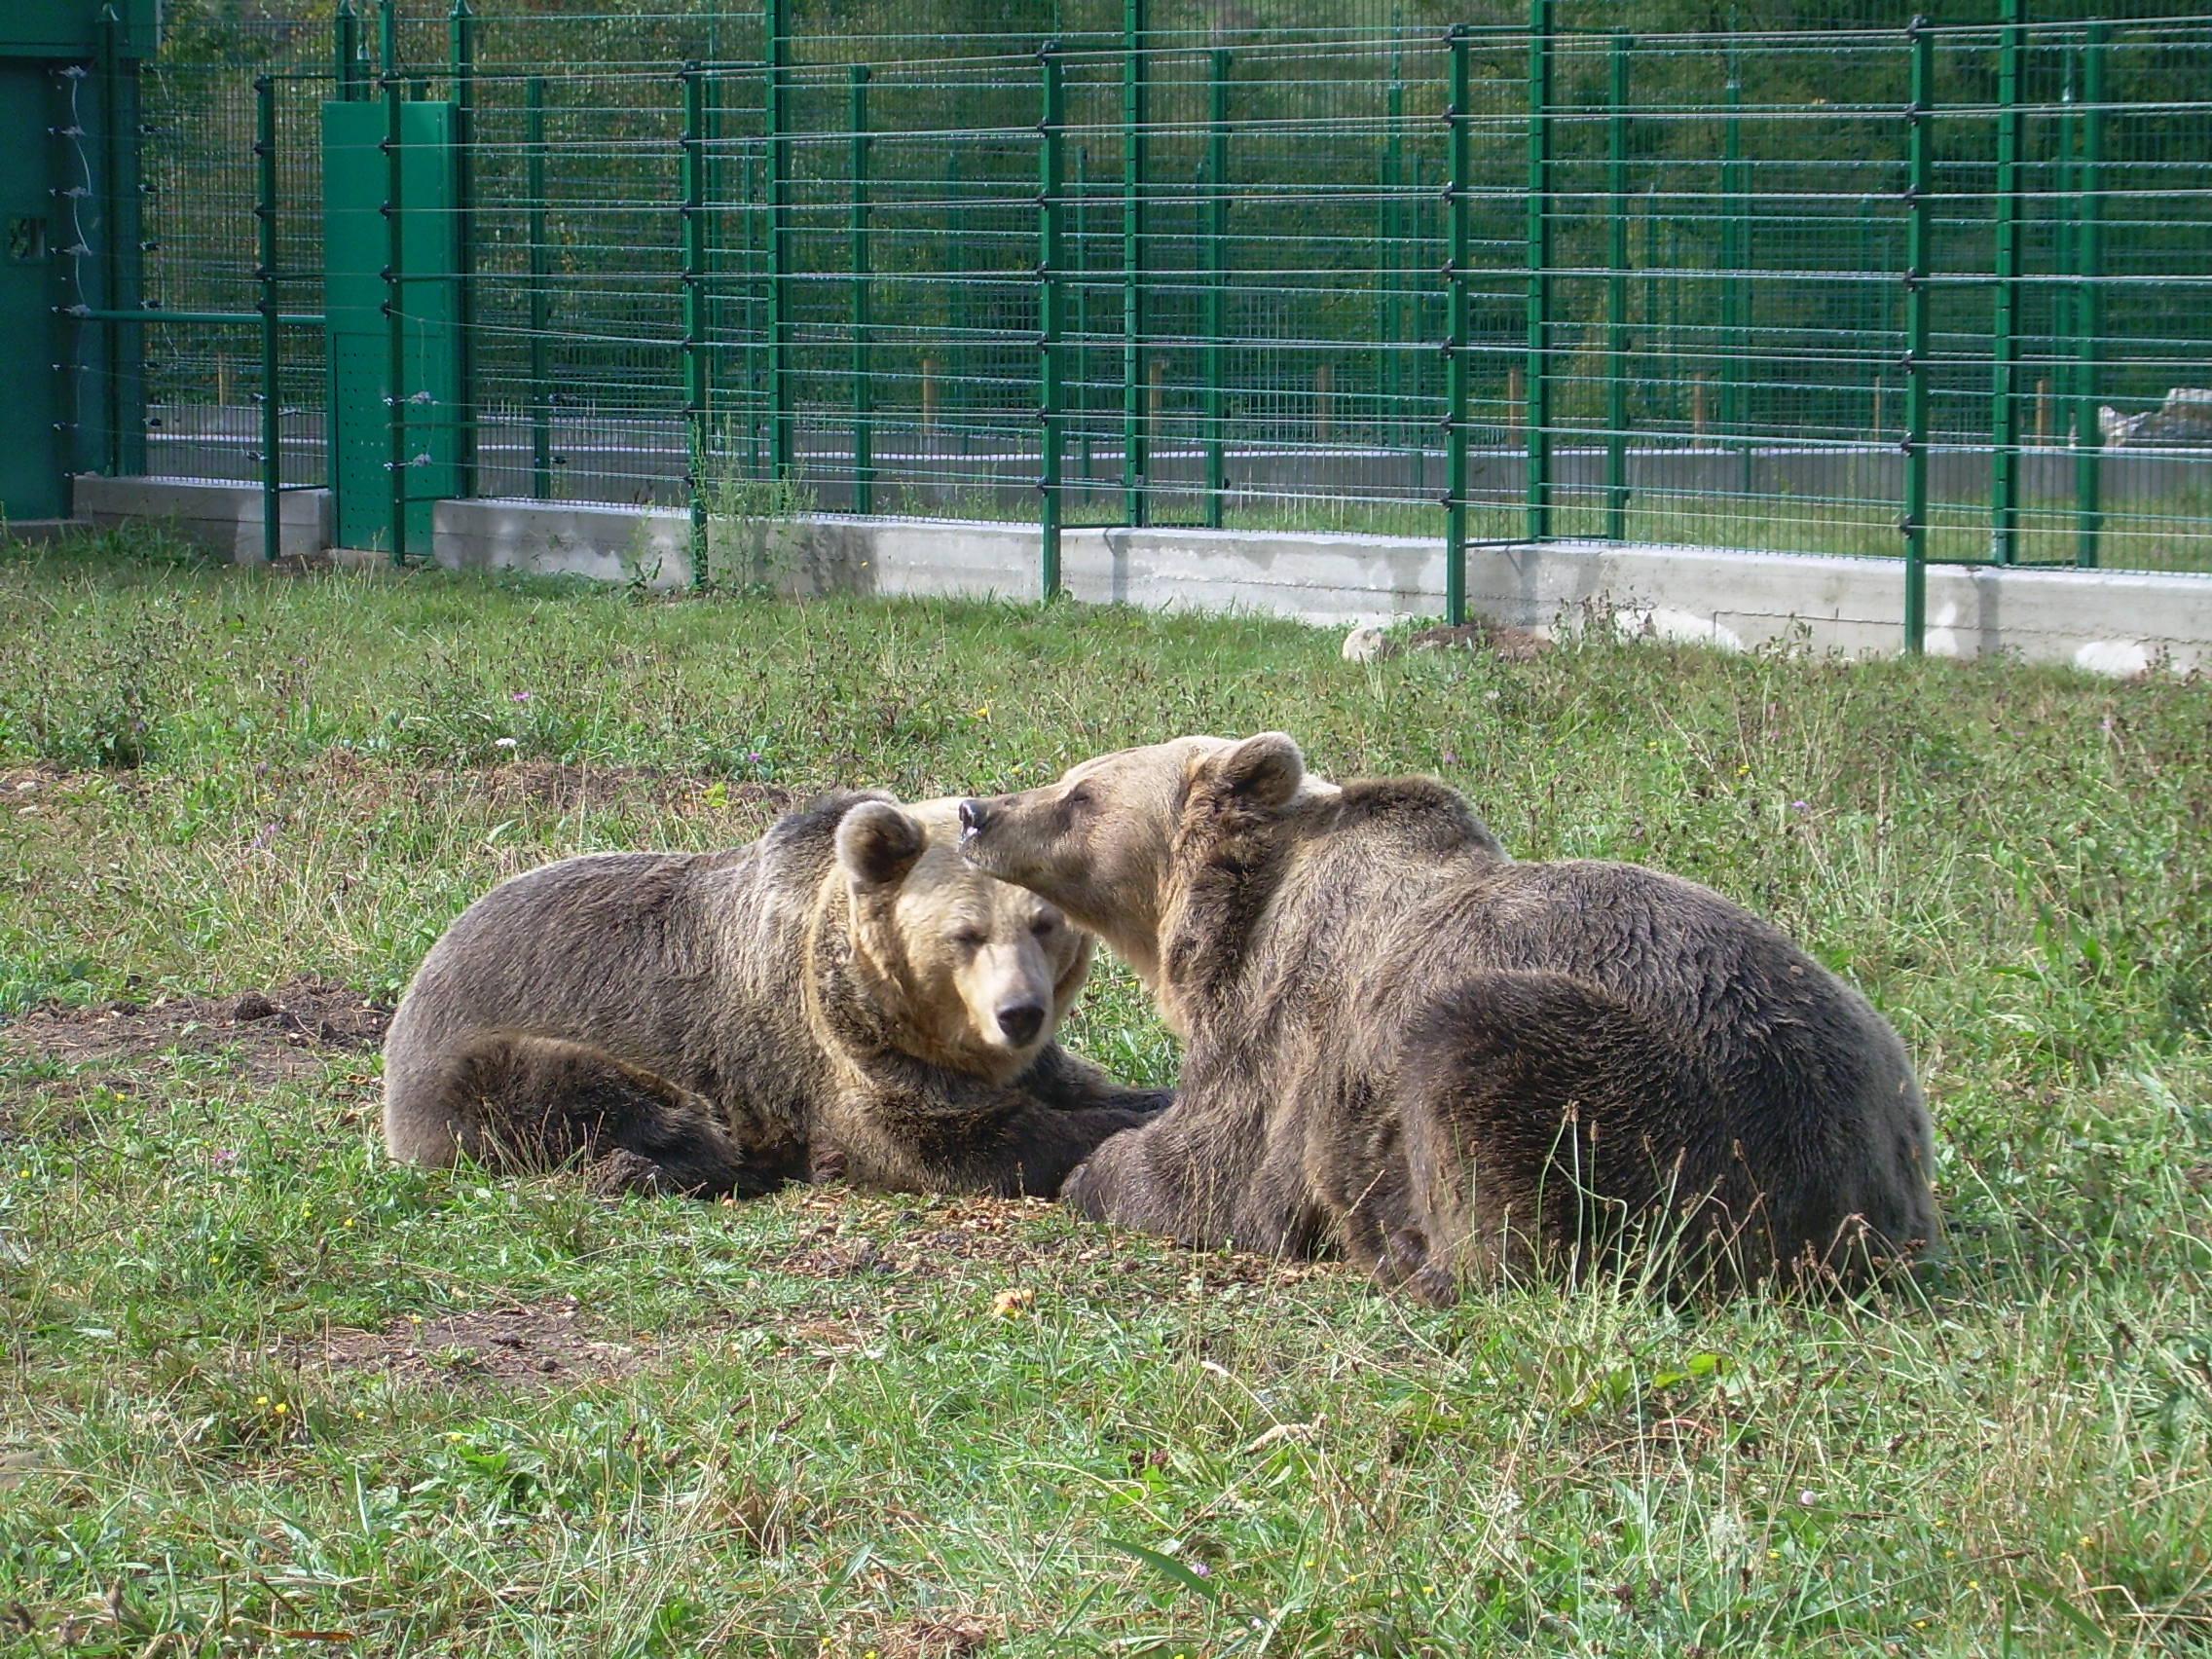 Trabajando el bienestar de los osos pardos cantábricos cautivos. Mejora de las instalaciones y técnicas de trabajo.